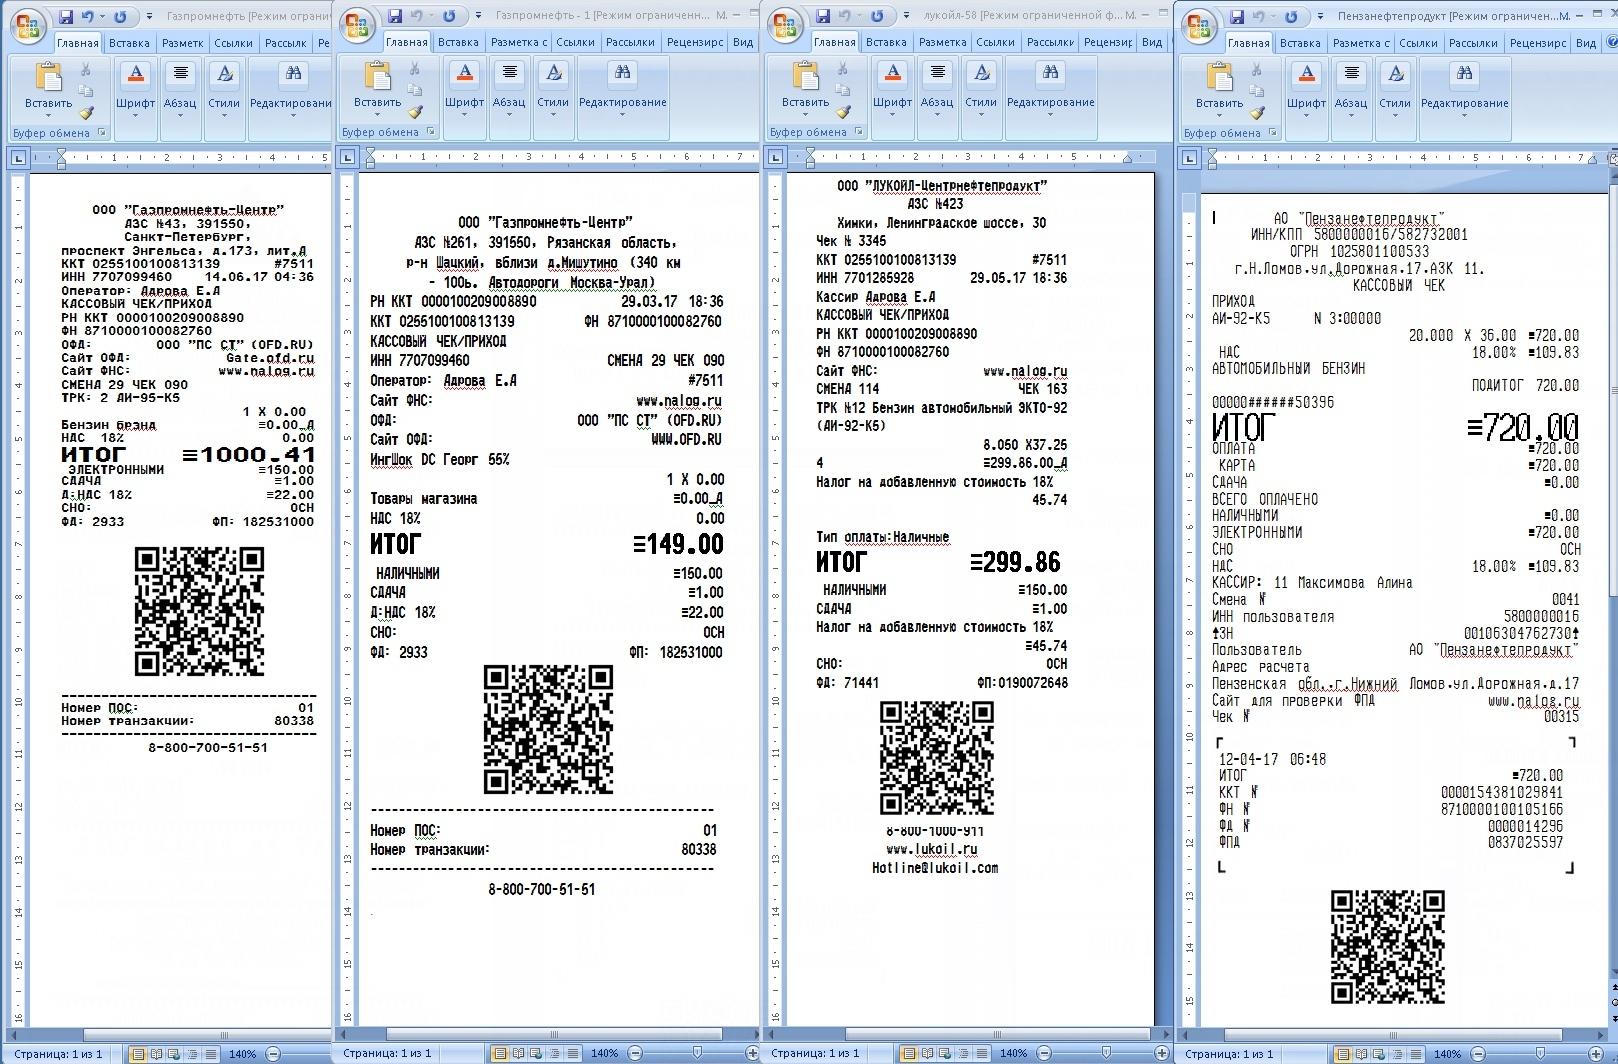 как сделать  новый чек 54 фз онлайн кассы интернет электронный